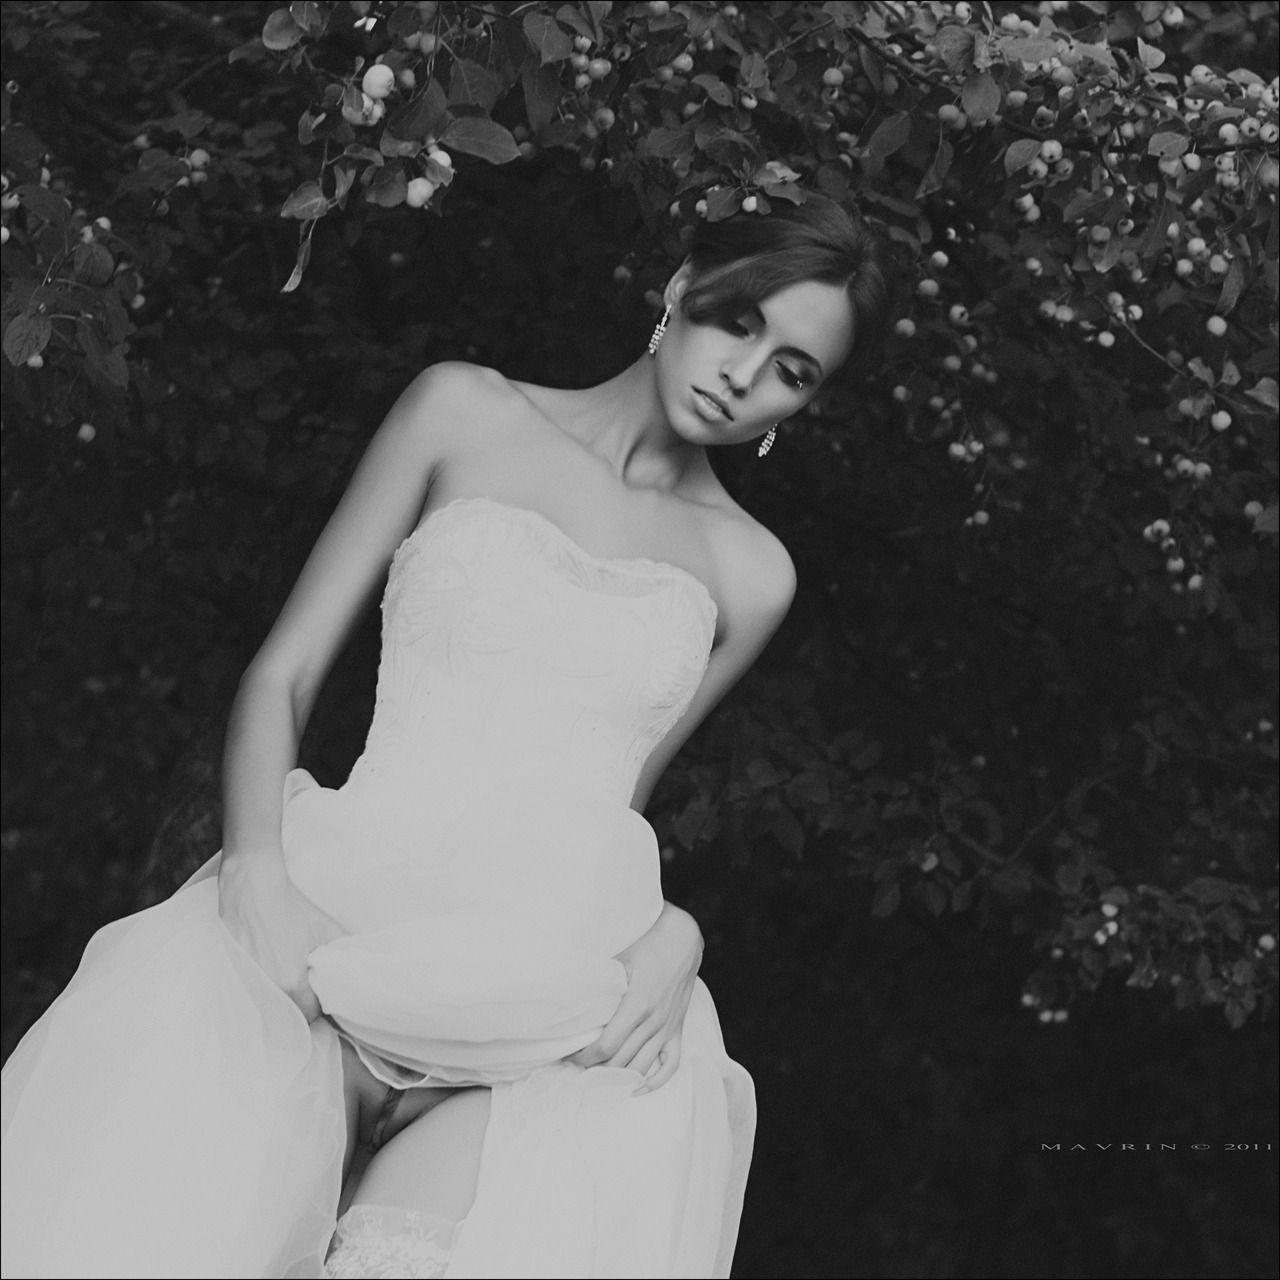 Черно фото эротика платье невесты анала отличном